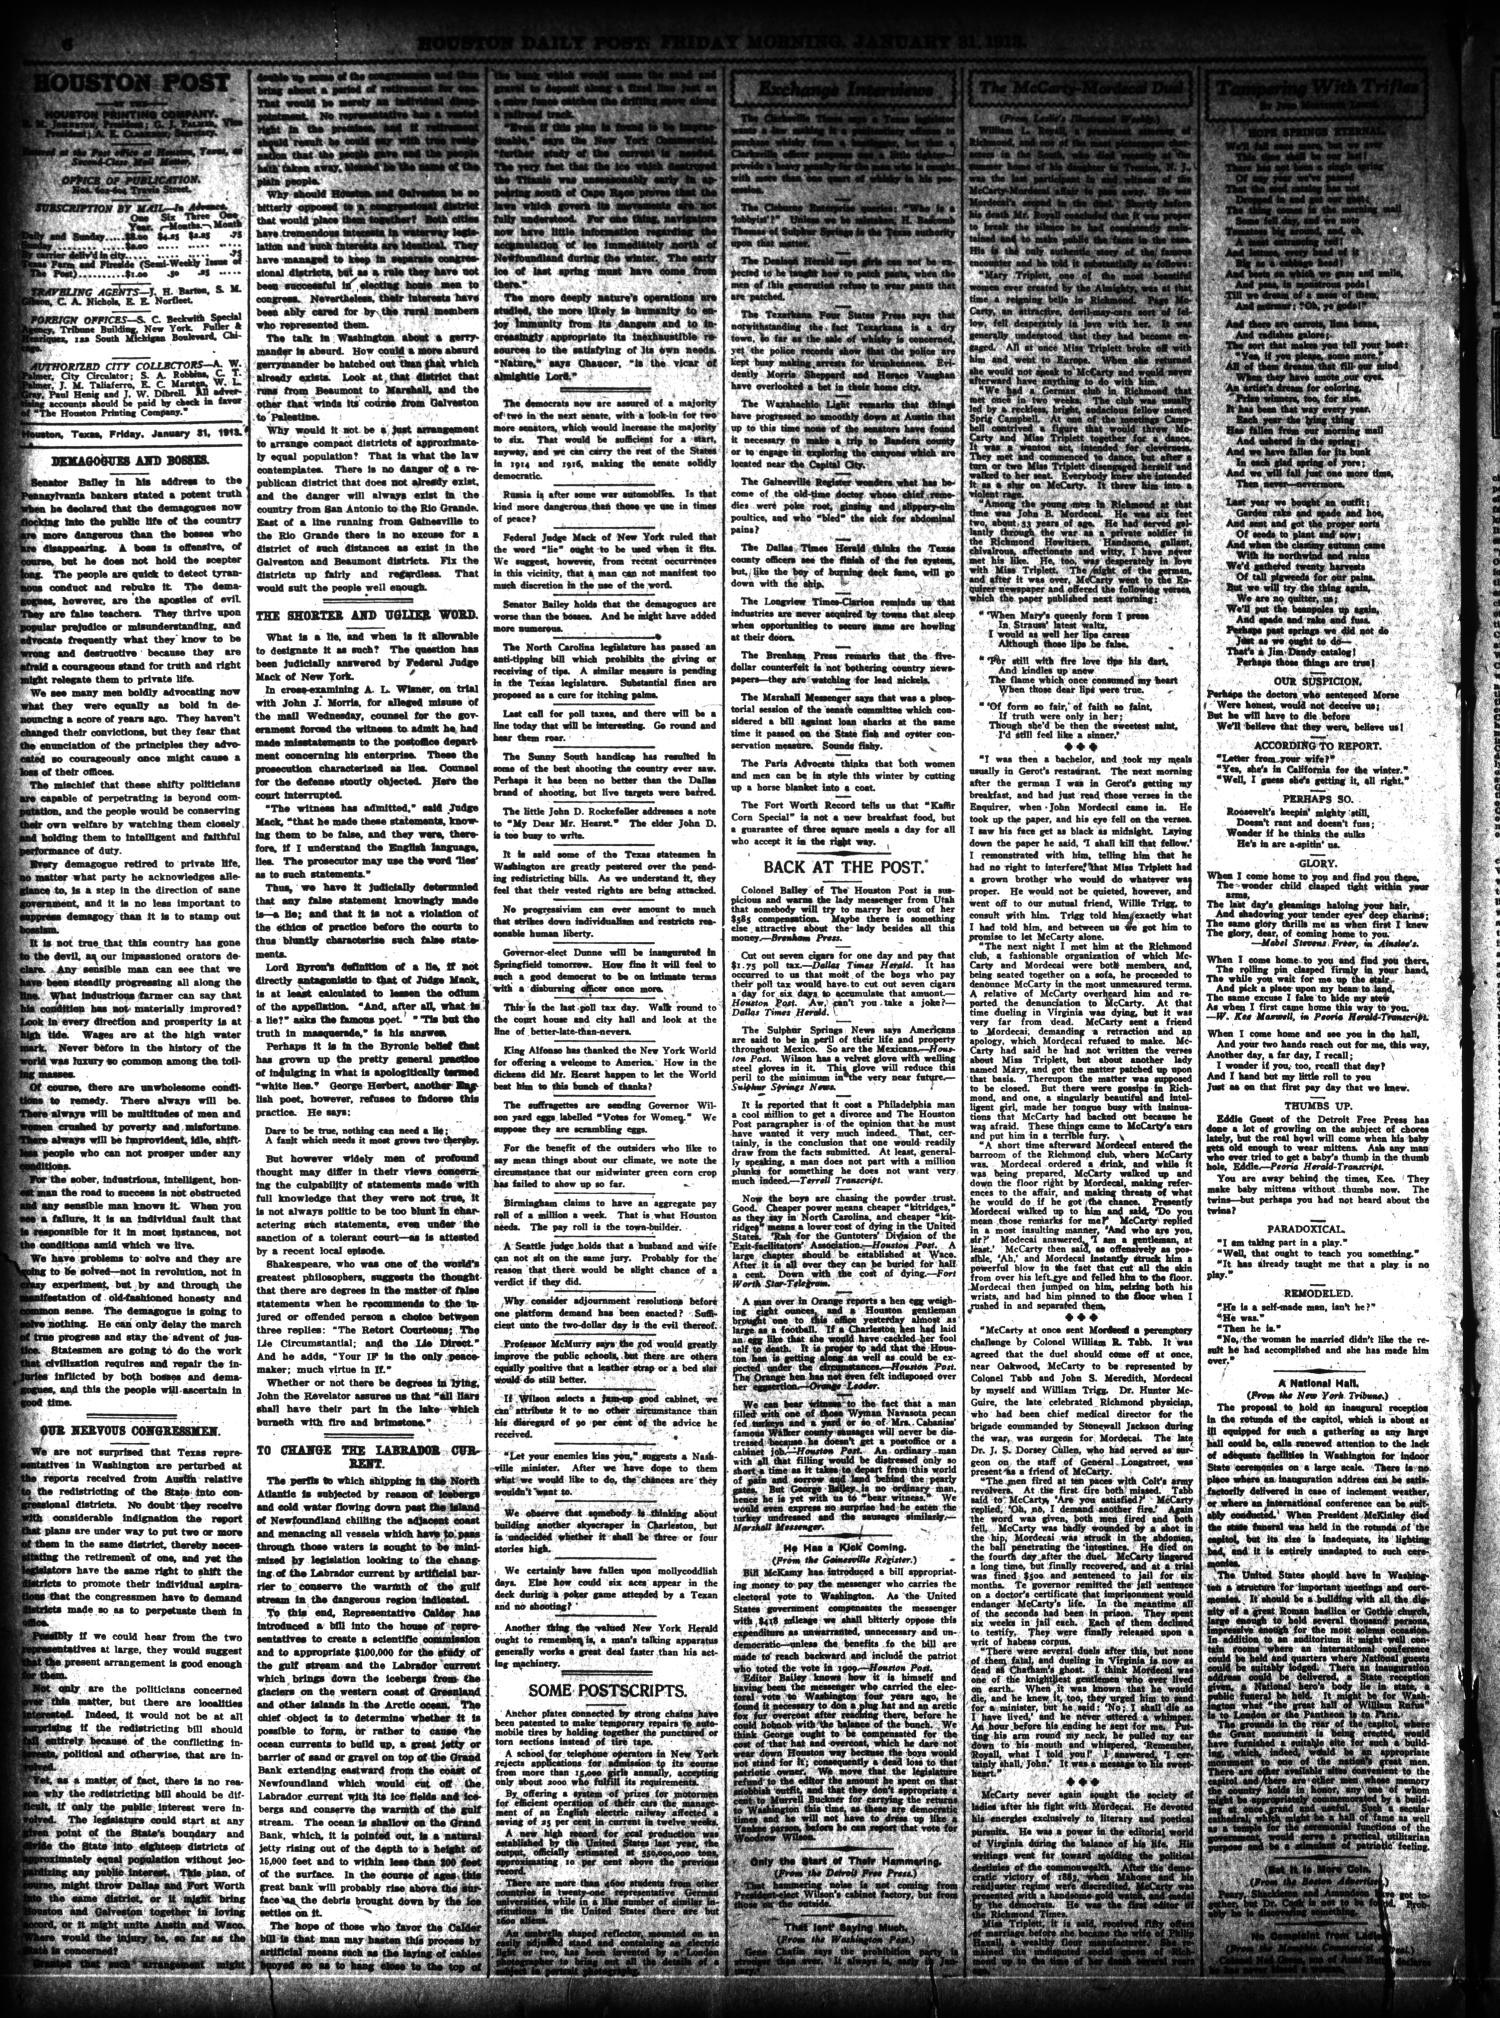 The Houston Post  (Houston, Tex ), Vol  27, Ed  1 Friday, January 31